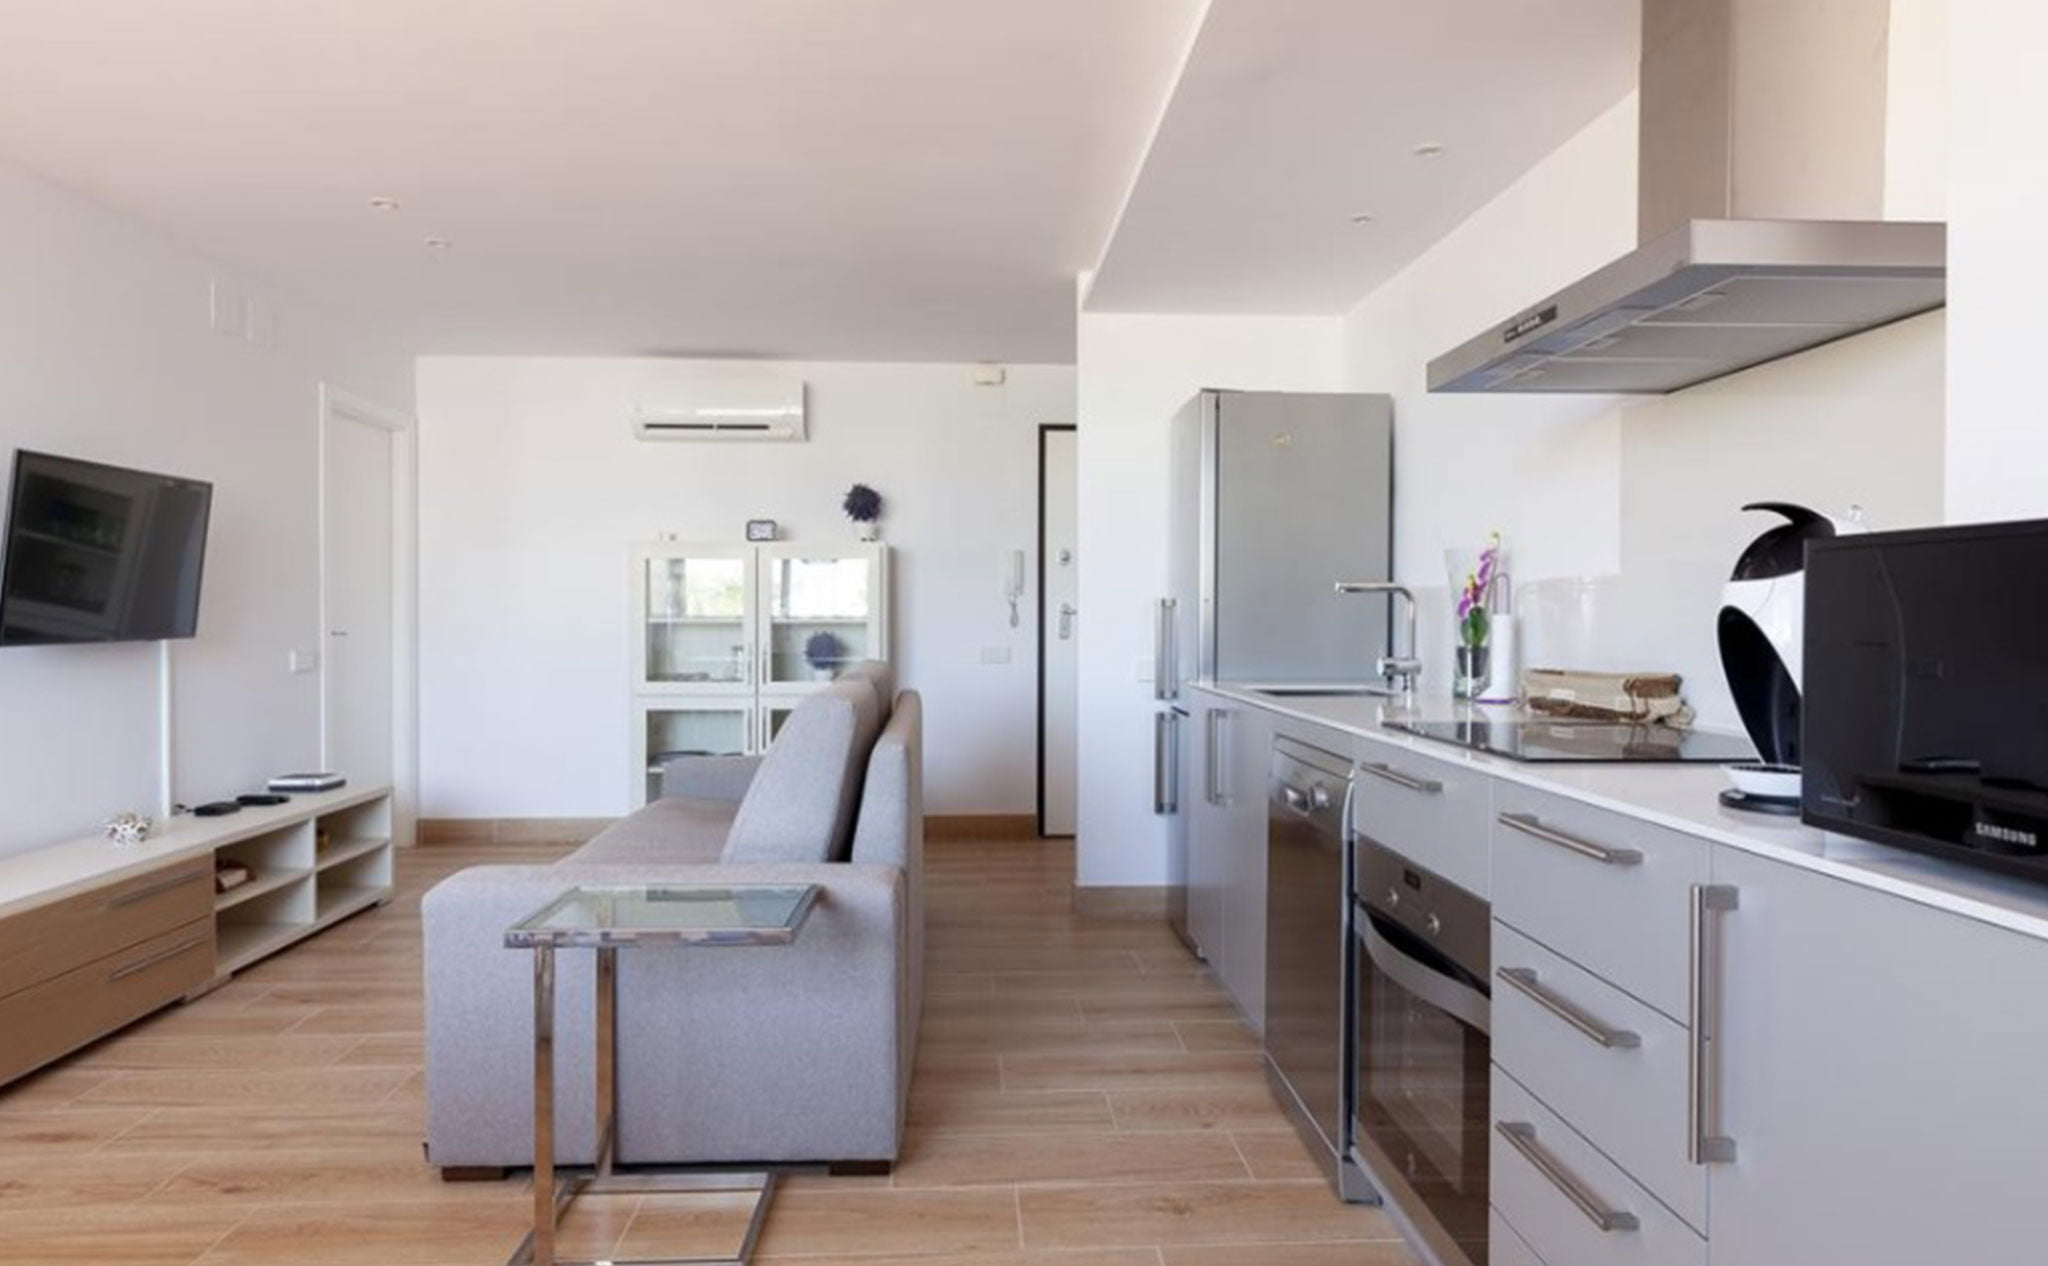 Cocina integrada en el salón en un apartamento de vacaciones en Jávea – Quality Rent a Villa